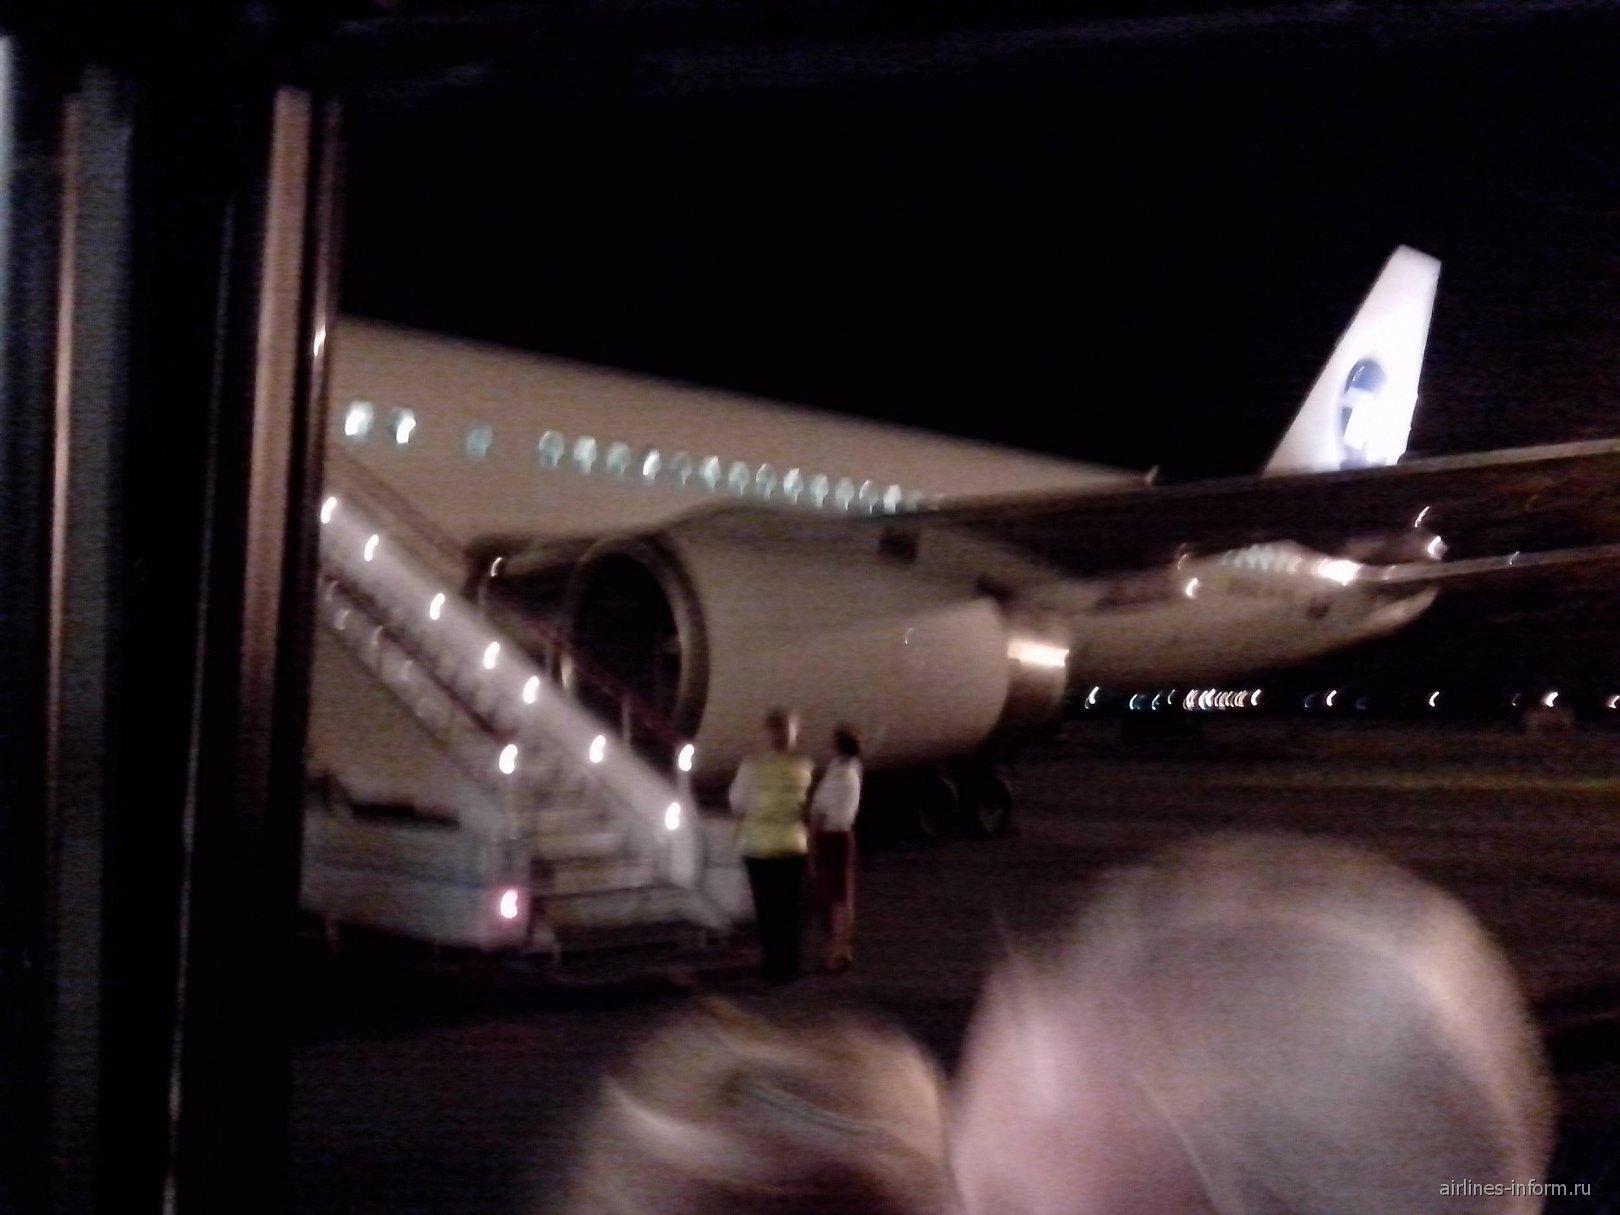 Боинг-757 ЮТэйр в аэропорту Анталья